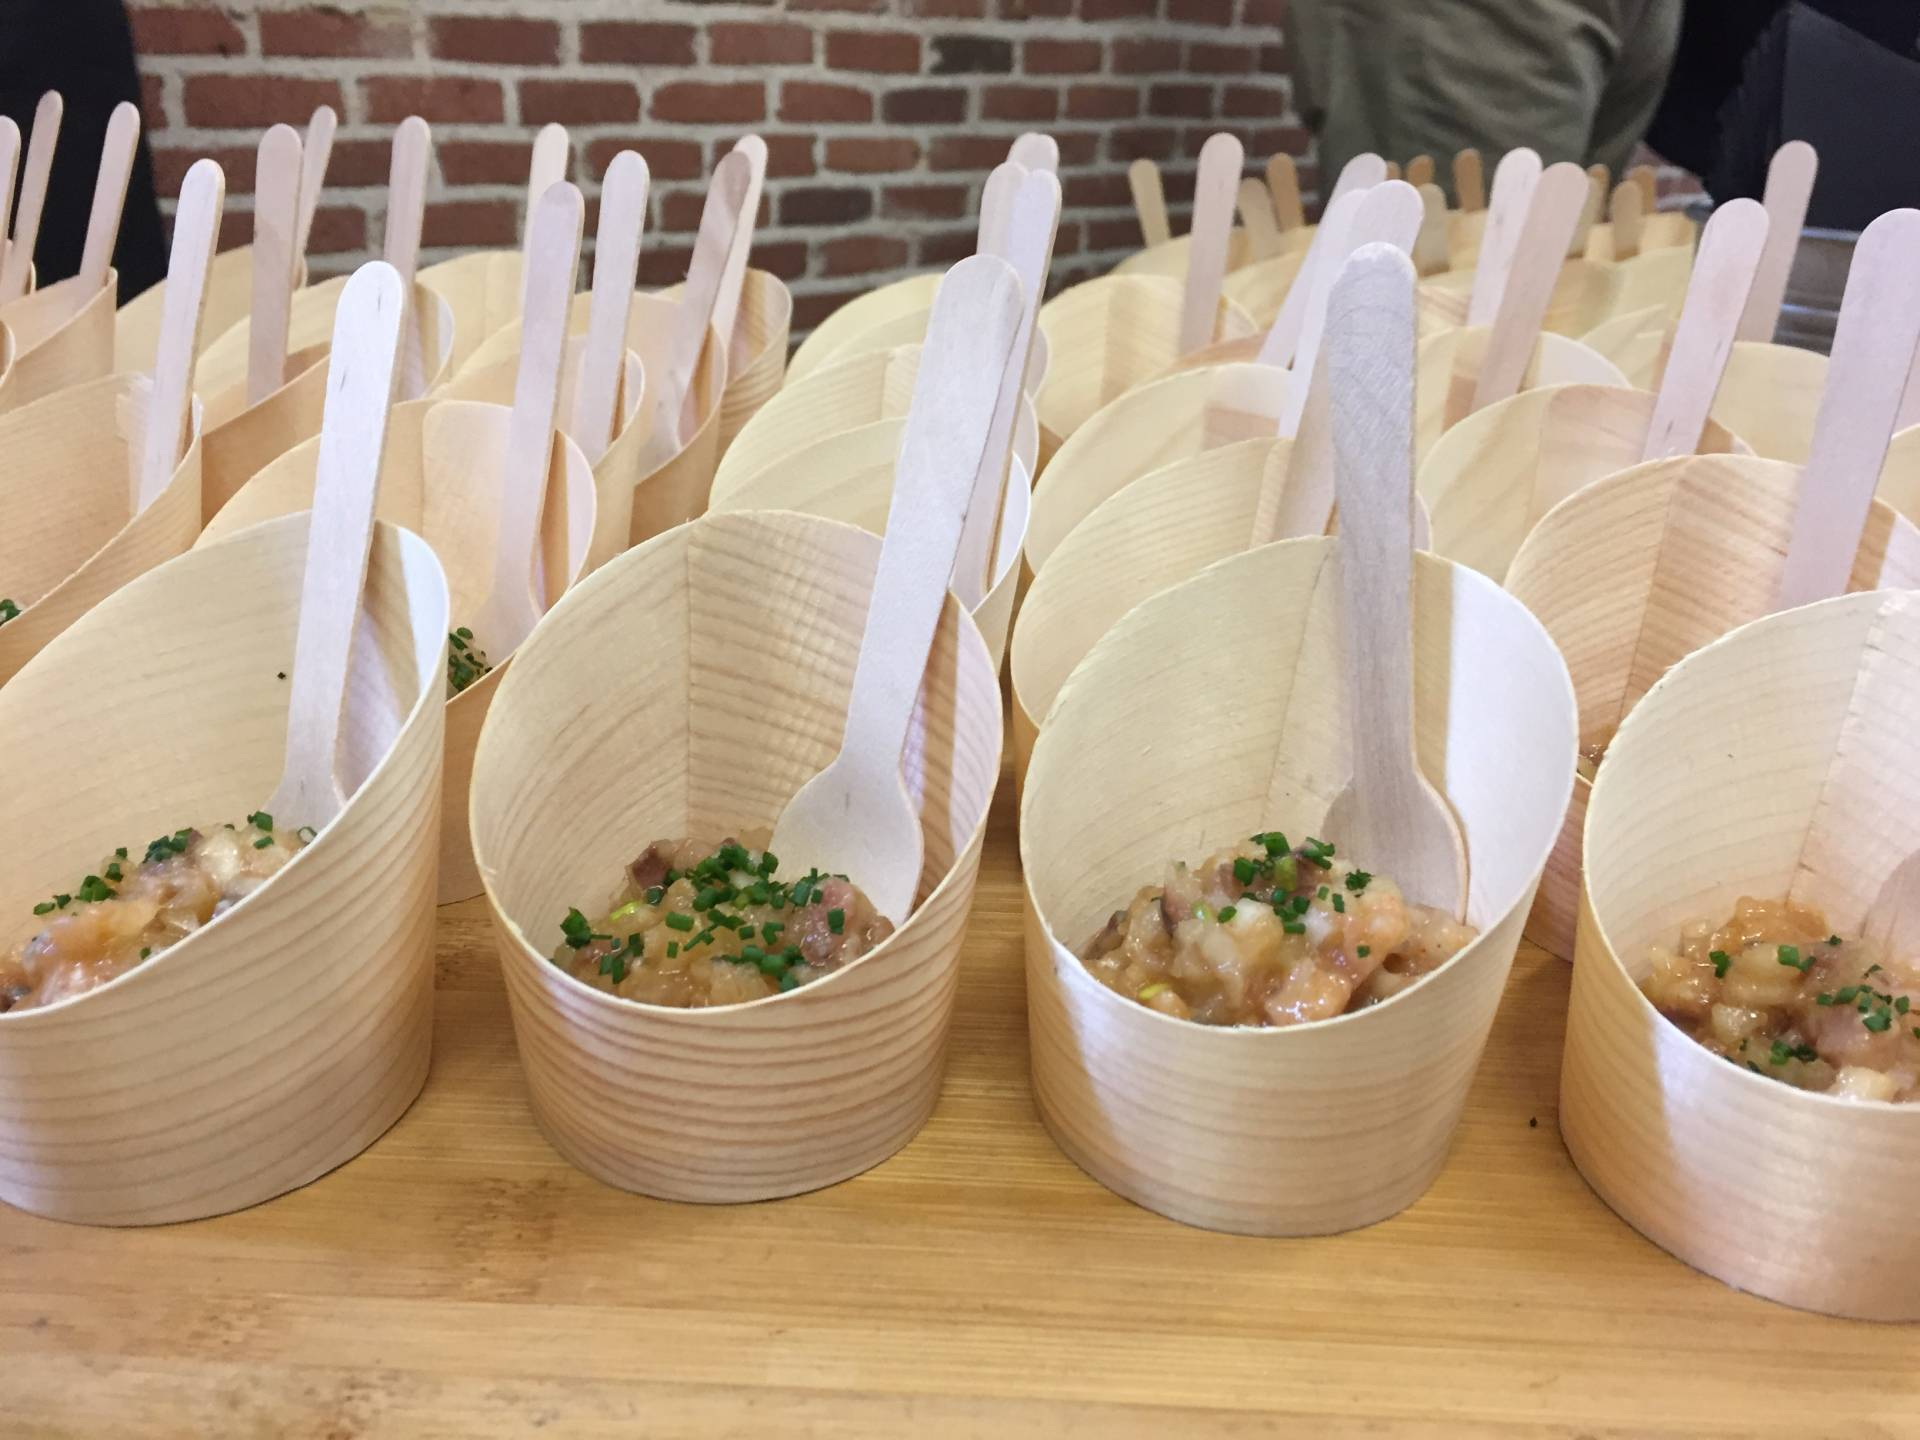 El tartar de sardina ahumada, melón, alioli de calabaza y kimchi, de Casa de Fieras.